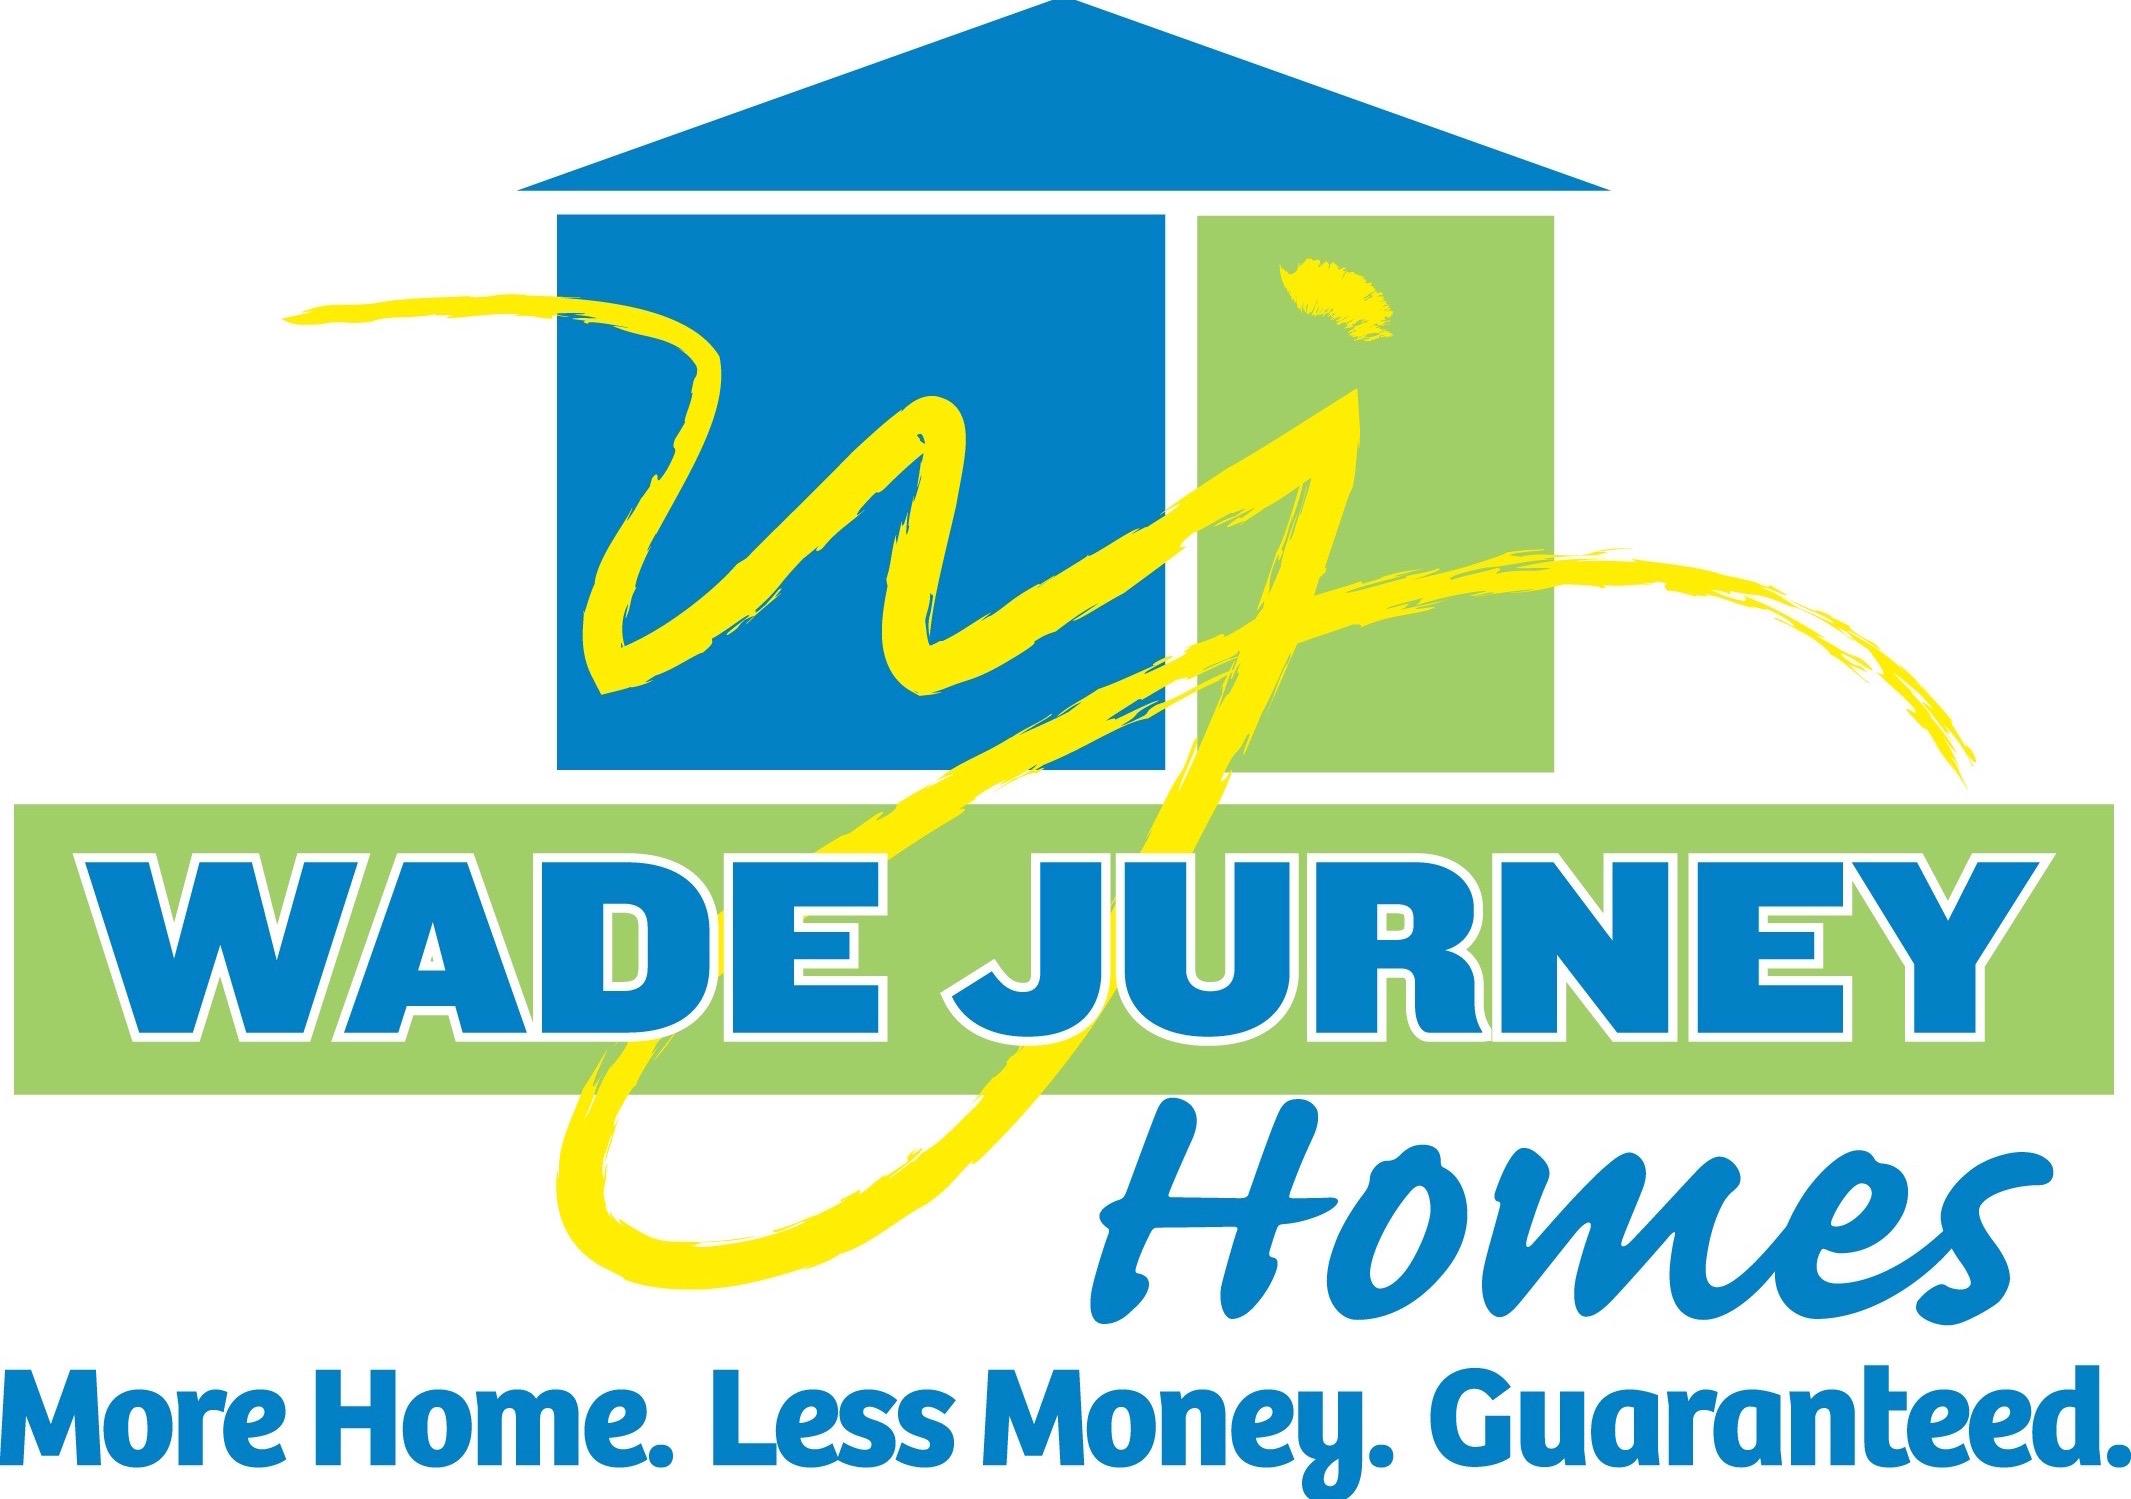 Wade Jurney Homebuilders